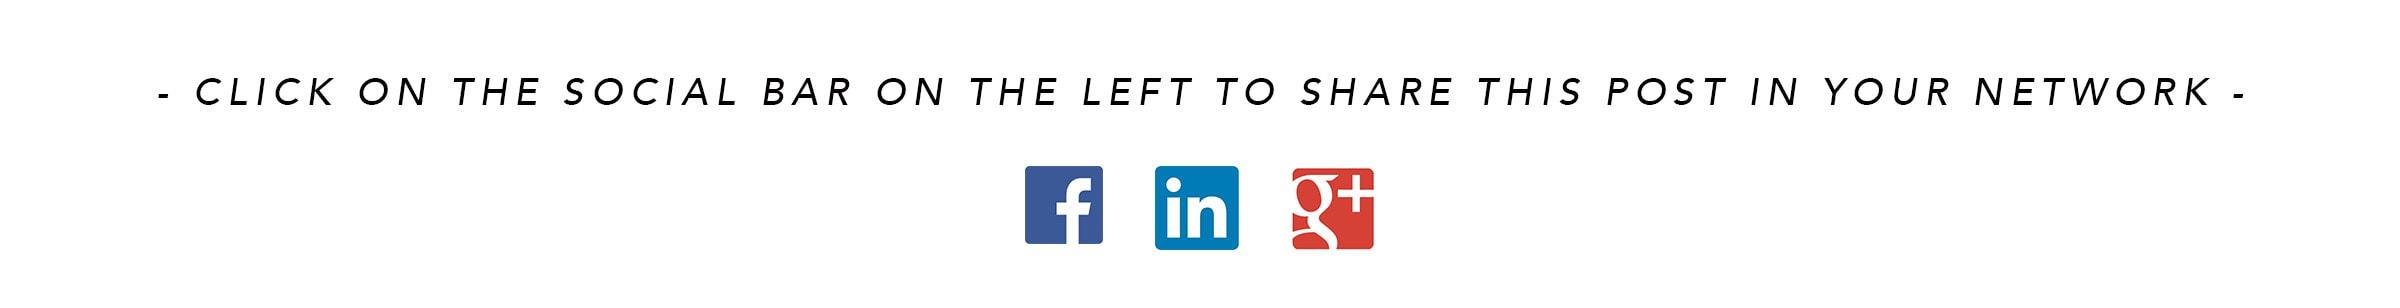 Share on Social Media banner